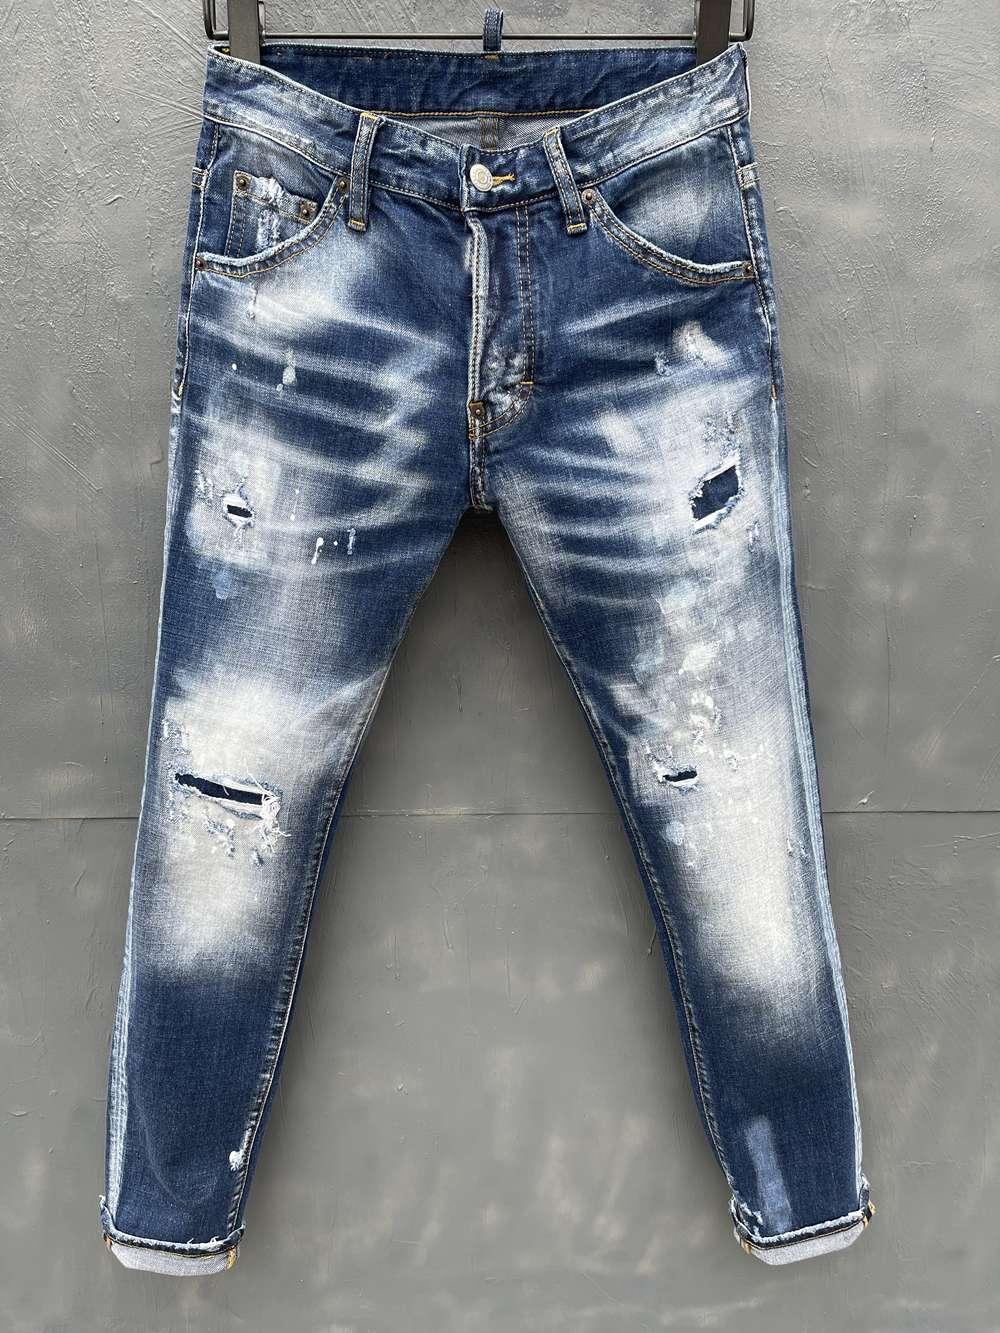 2021, Die neue Markenmode Europäische und amerikanische Sommermänner-Jeans sind Männer Casual Jeans LT029